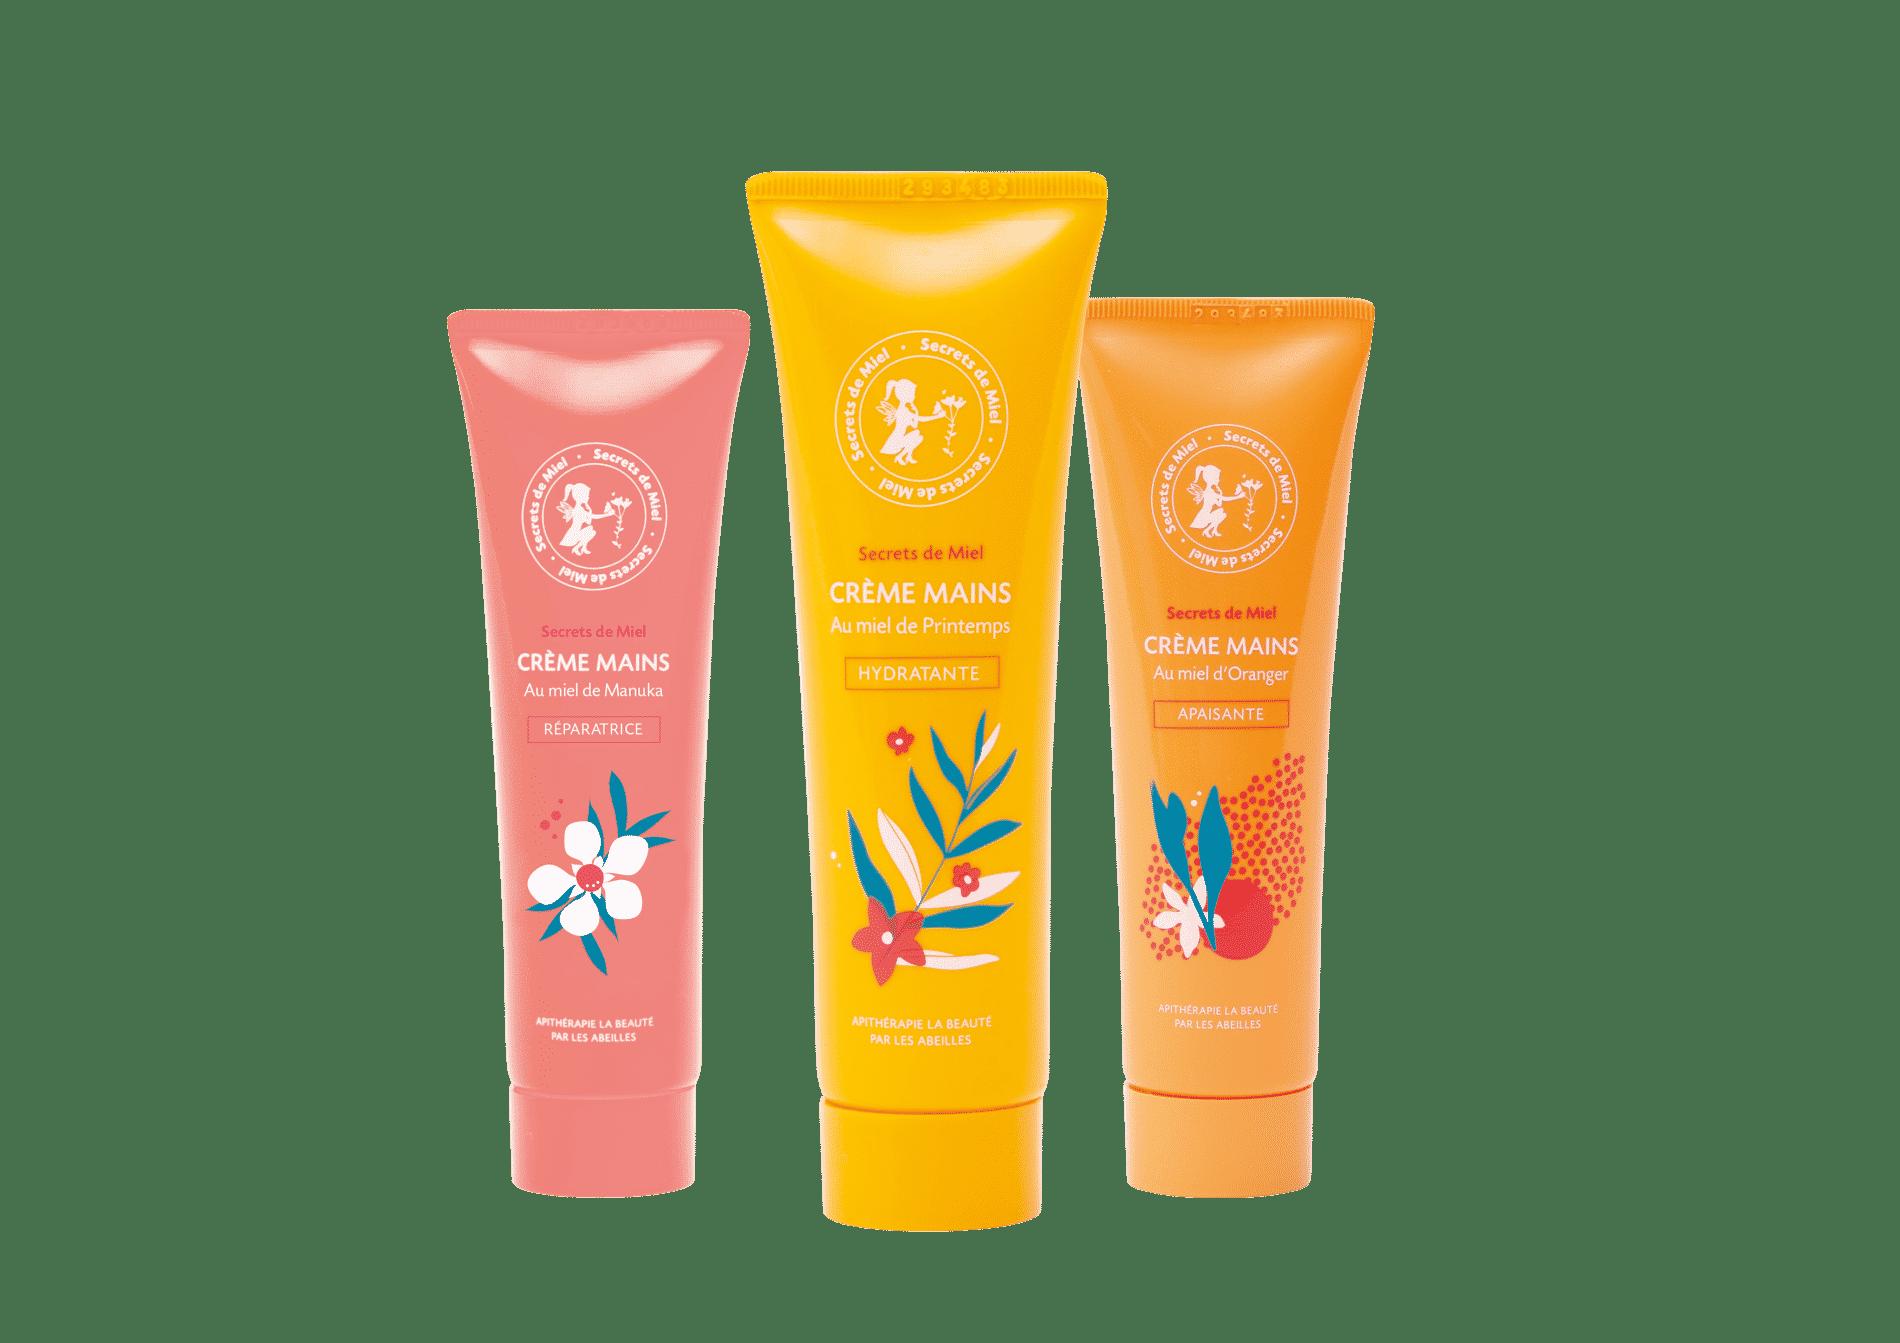 hydratation - mains sèches - miel - crèmes mains - Secrets de Miel